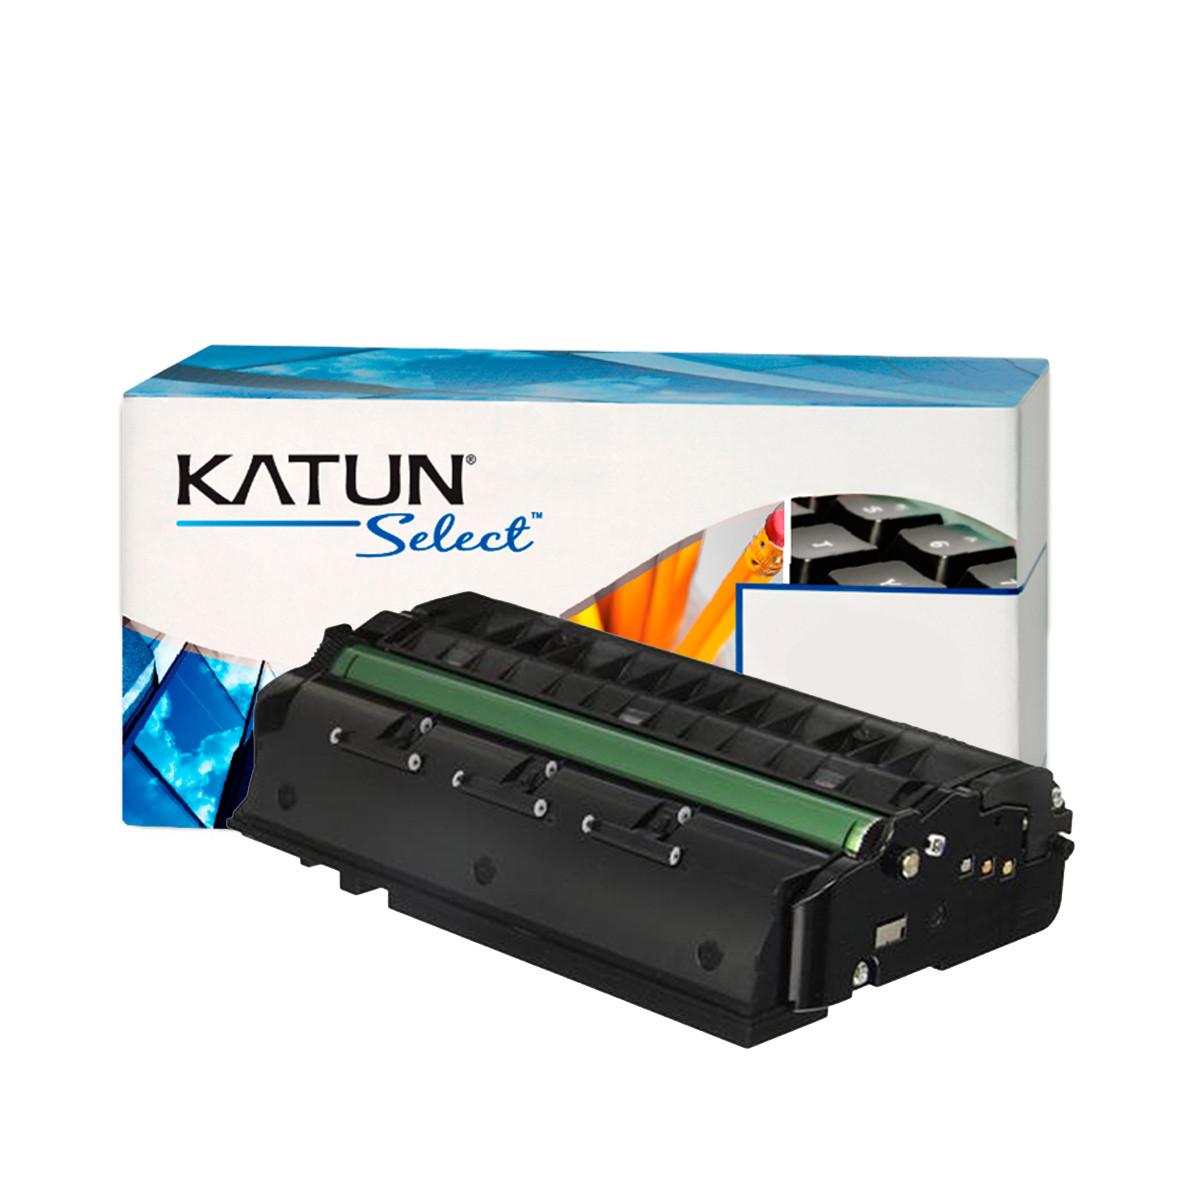 Toner Ricoh Preto SP377 SP377DNWX SP377SFNWX | 408161 | Katun Select 6.4K